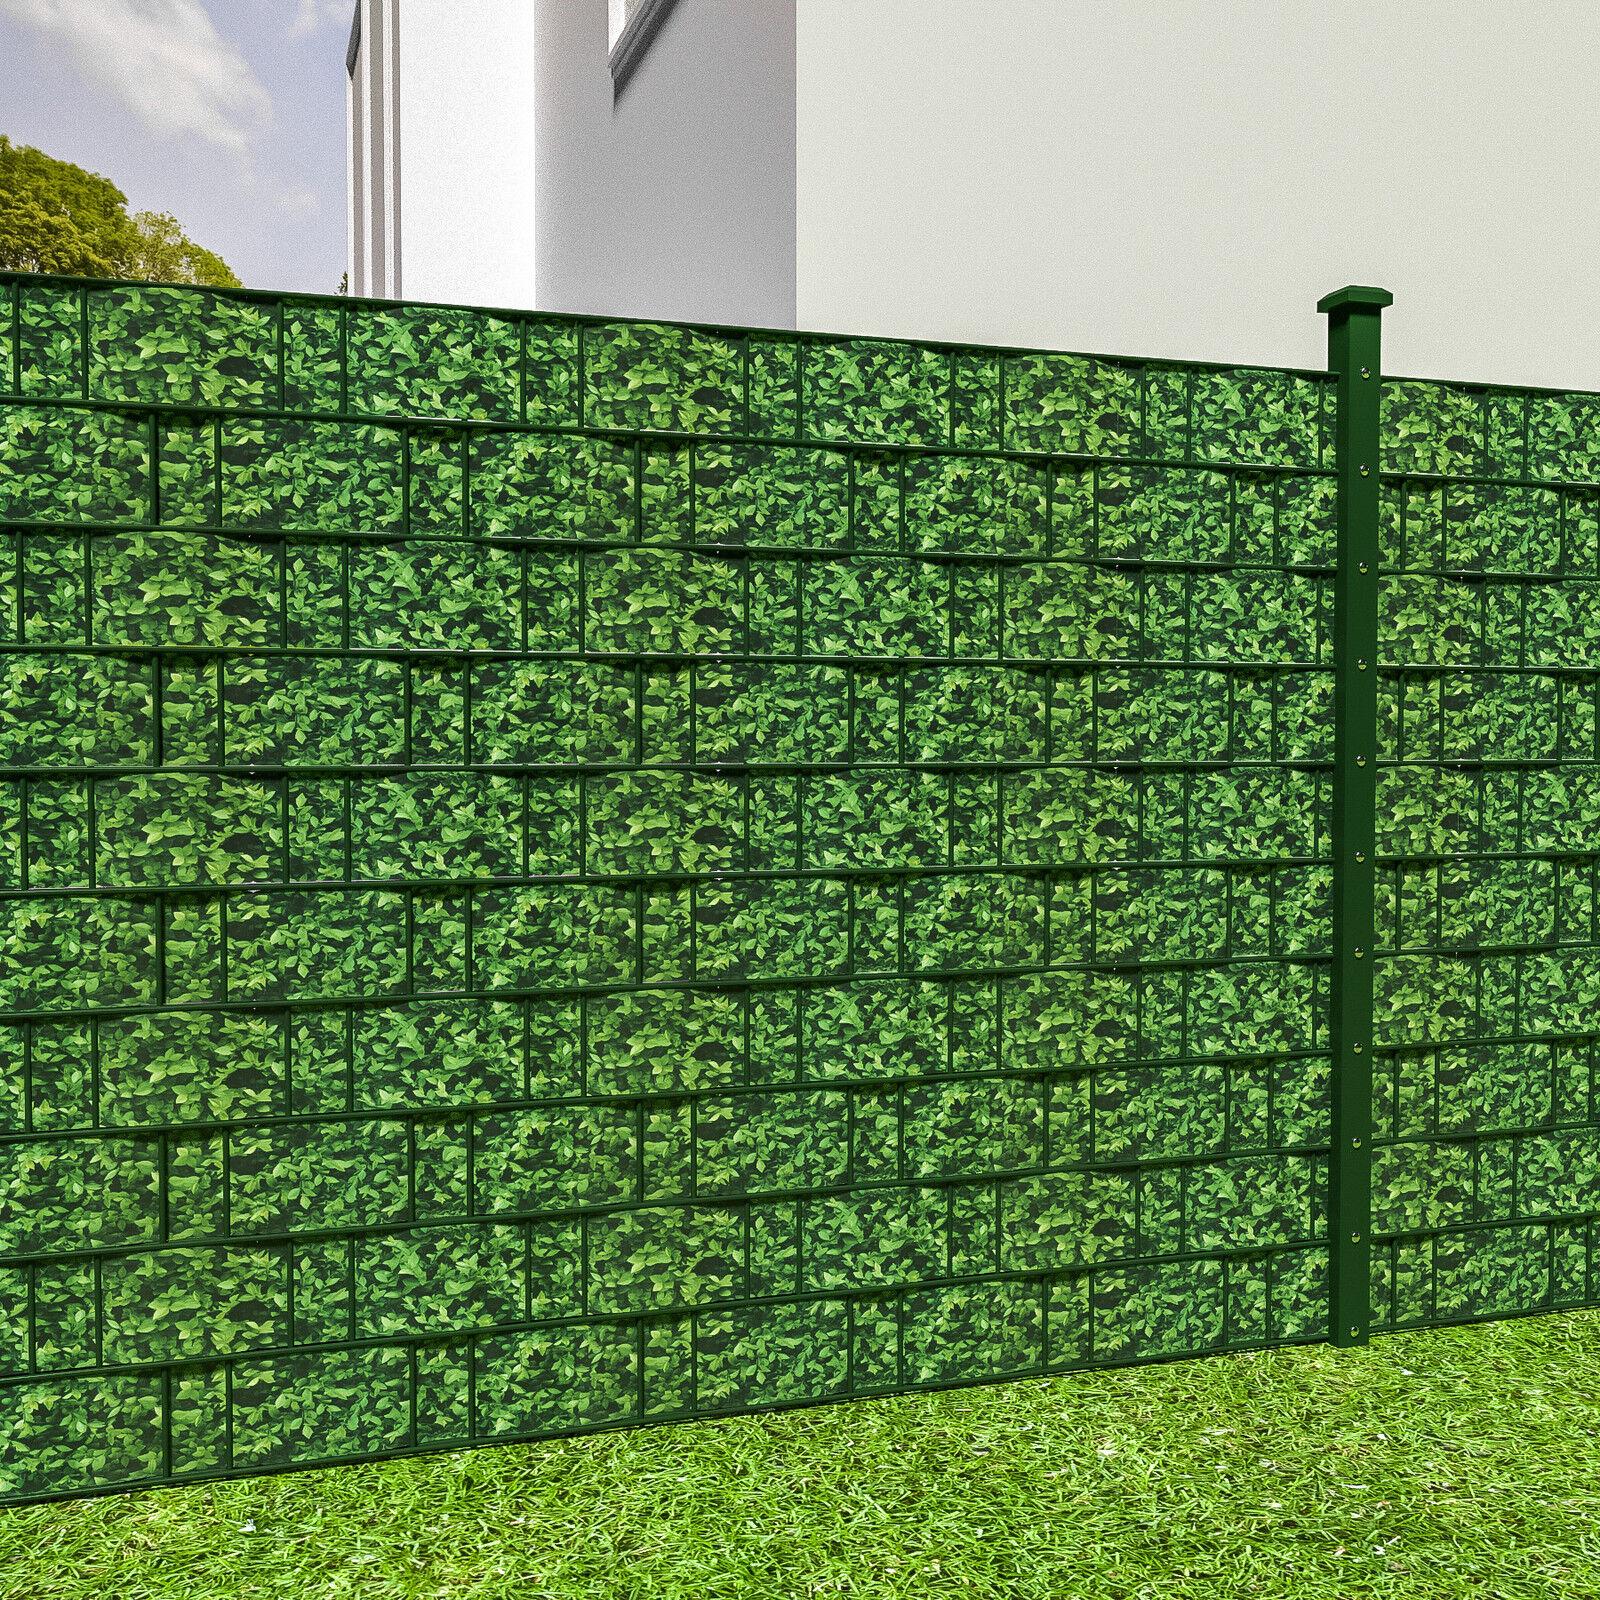 pvc sichtschutz streifen sichtschutzfolie doppelstabmatten zaun schutz 35m buchs eur 20 89. Black Bedroom Furniture Sets. Home Design Ideas